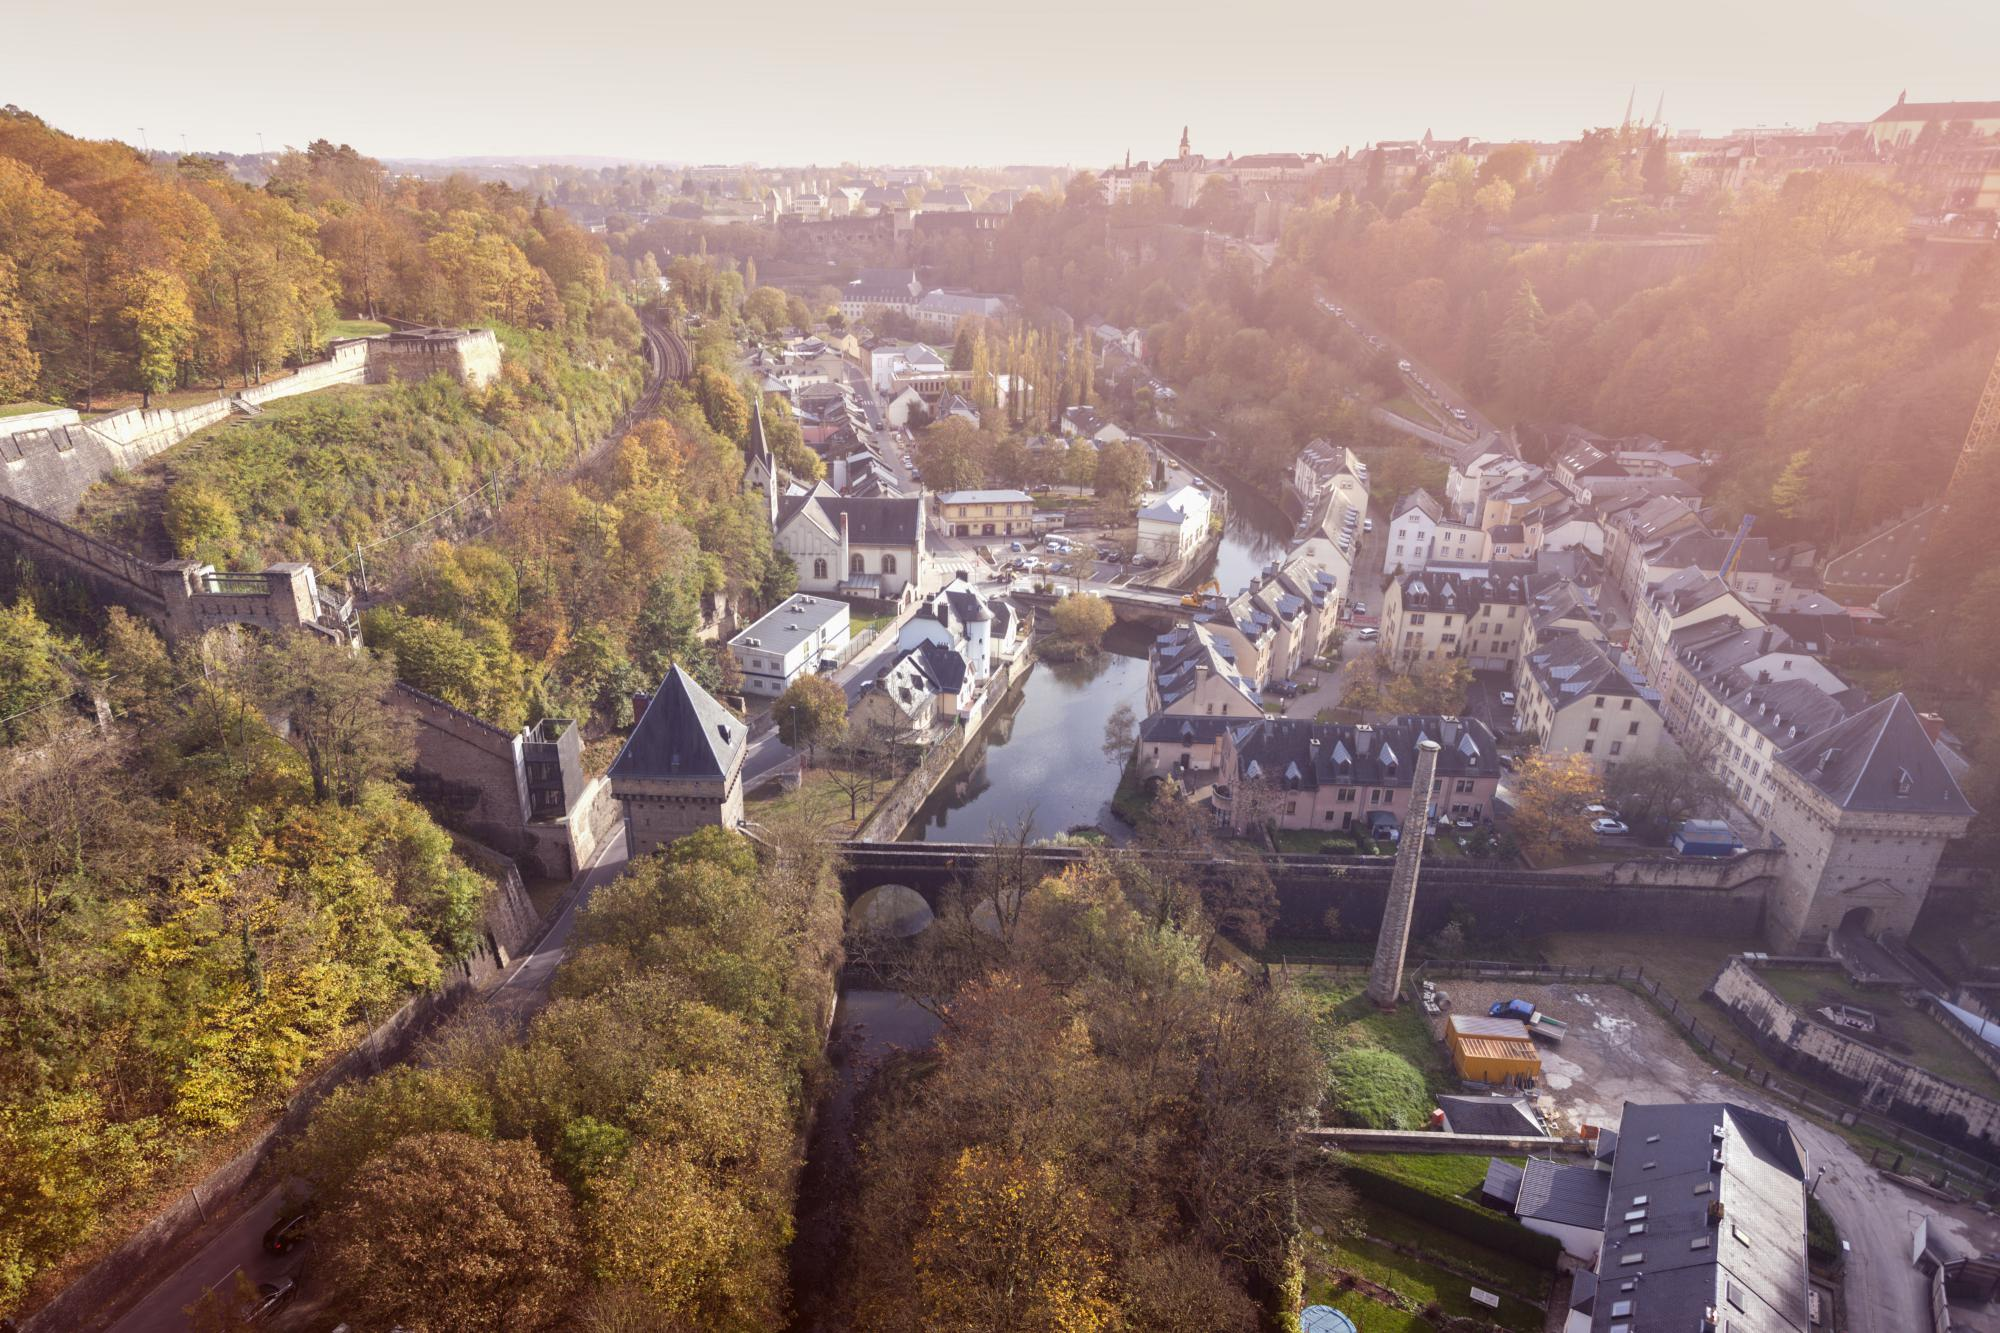 Законопроект об отсрочке подачи отчетности DAC6 представлен в парламент Люксембурга